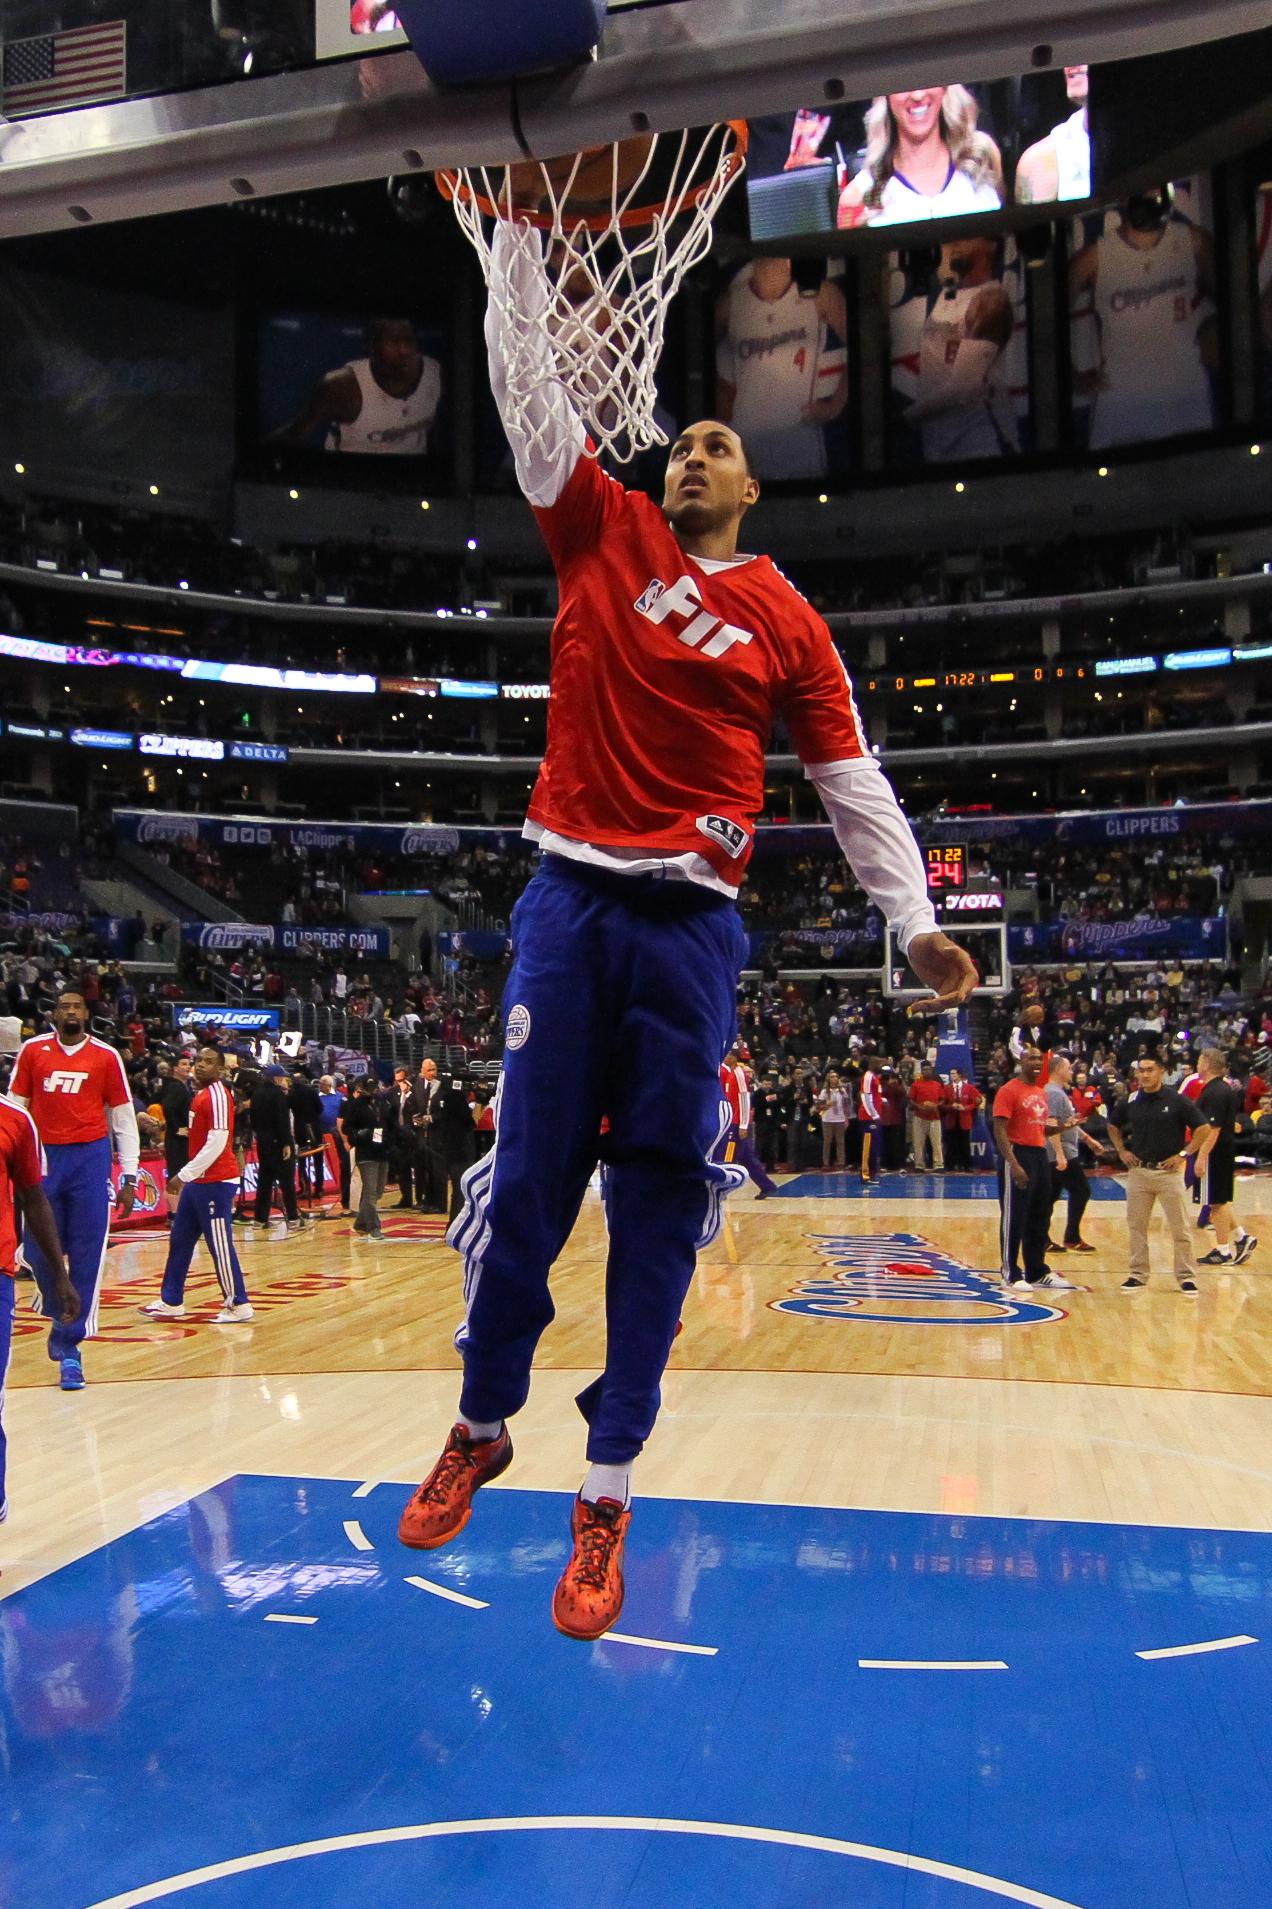 Photos by Varon P. Lakers-13.jpg